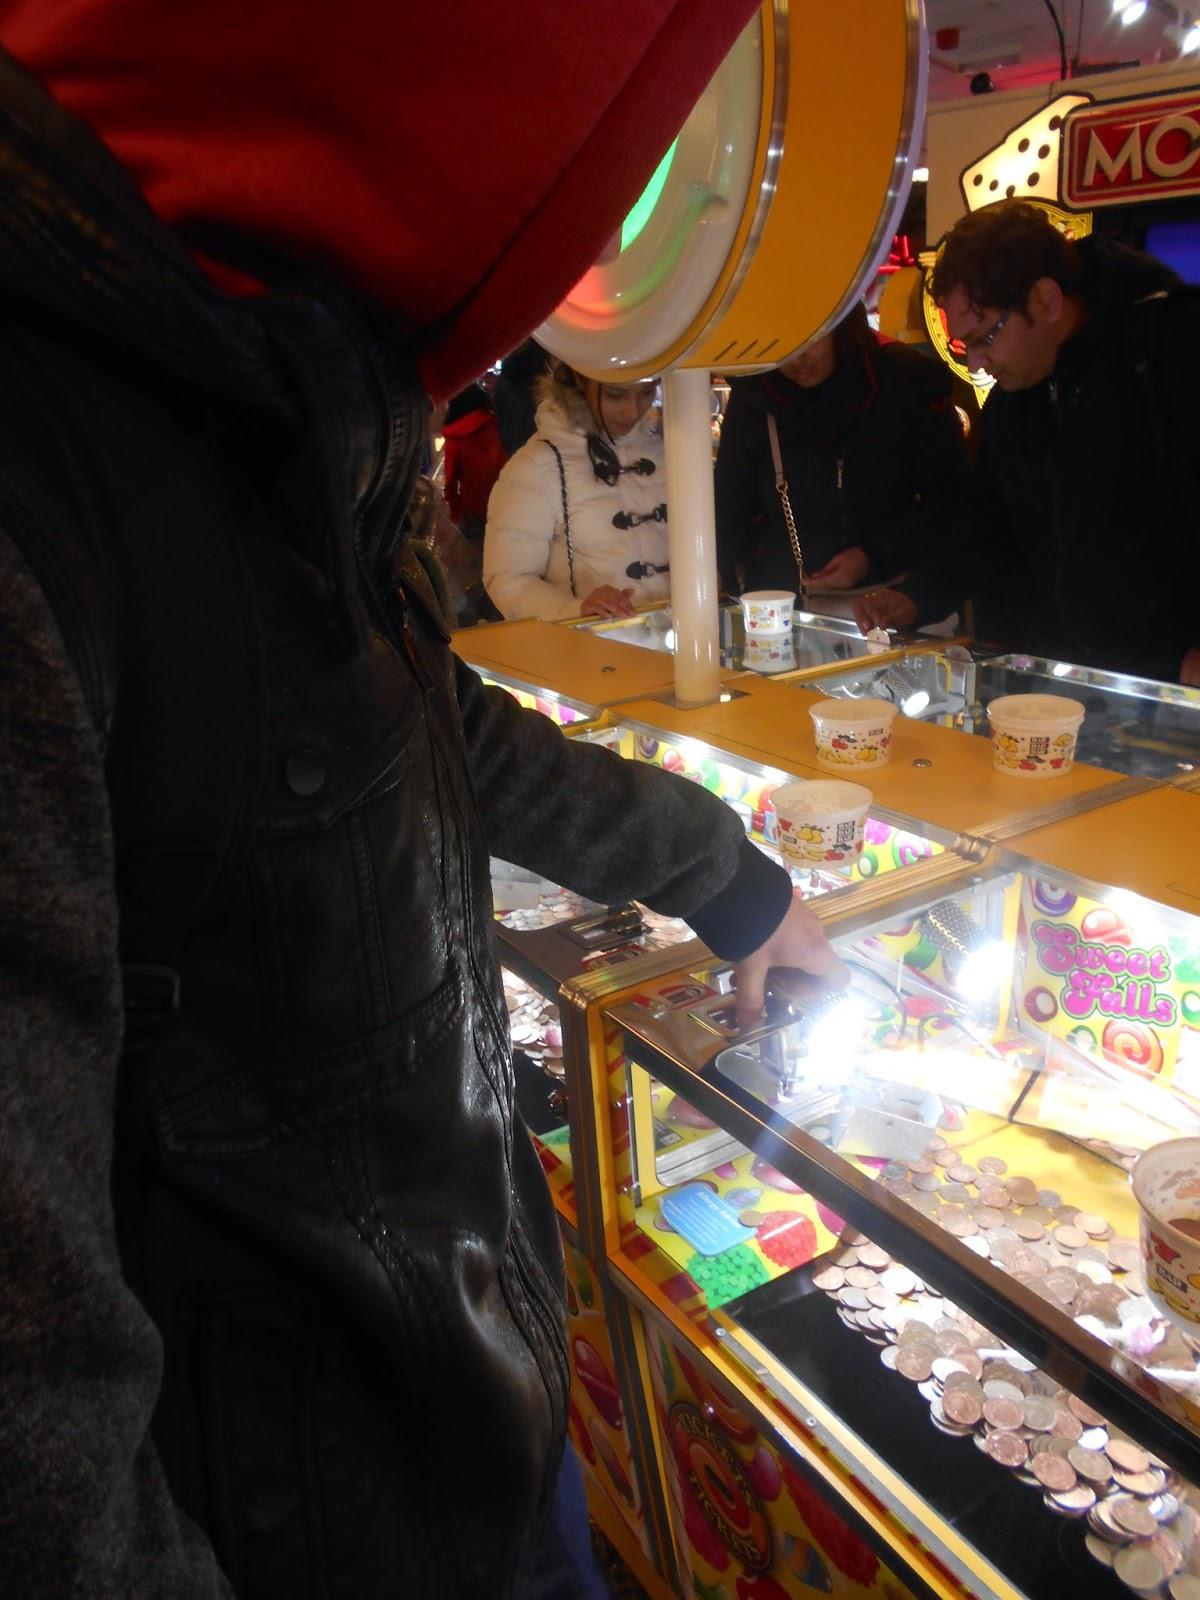 Llandudno Arcade